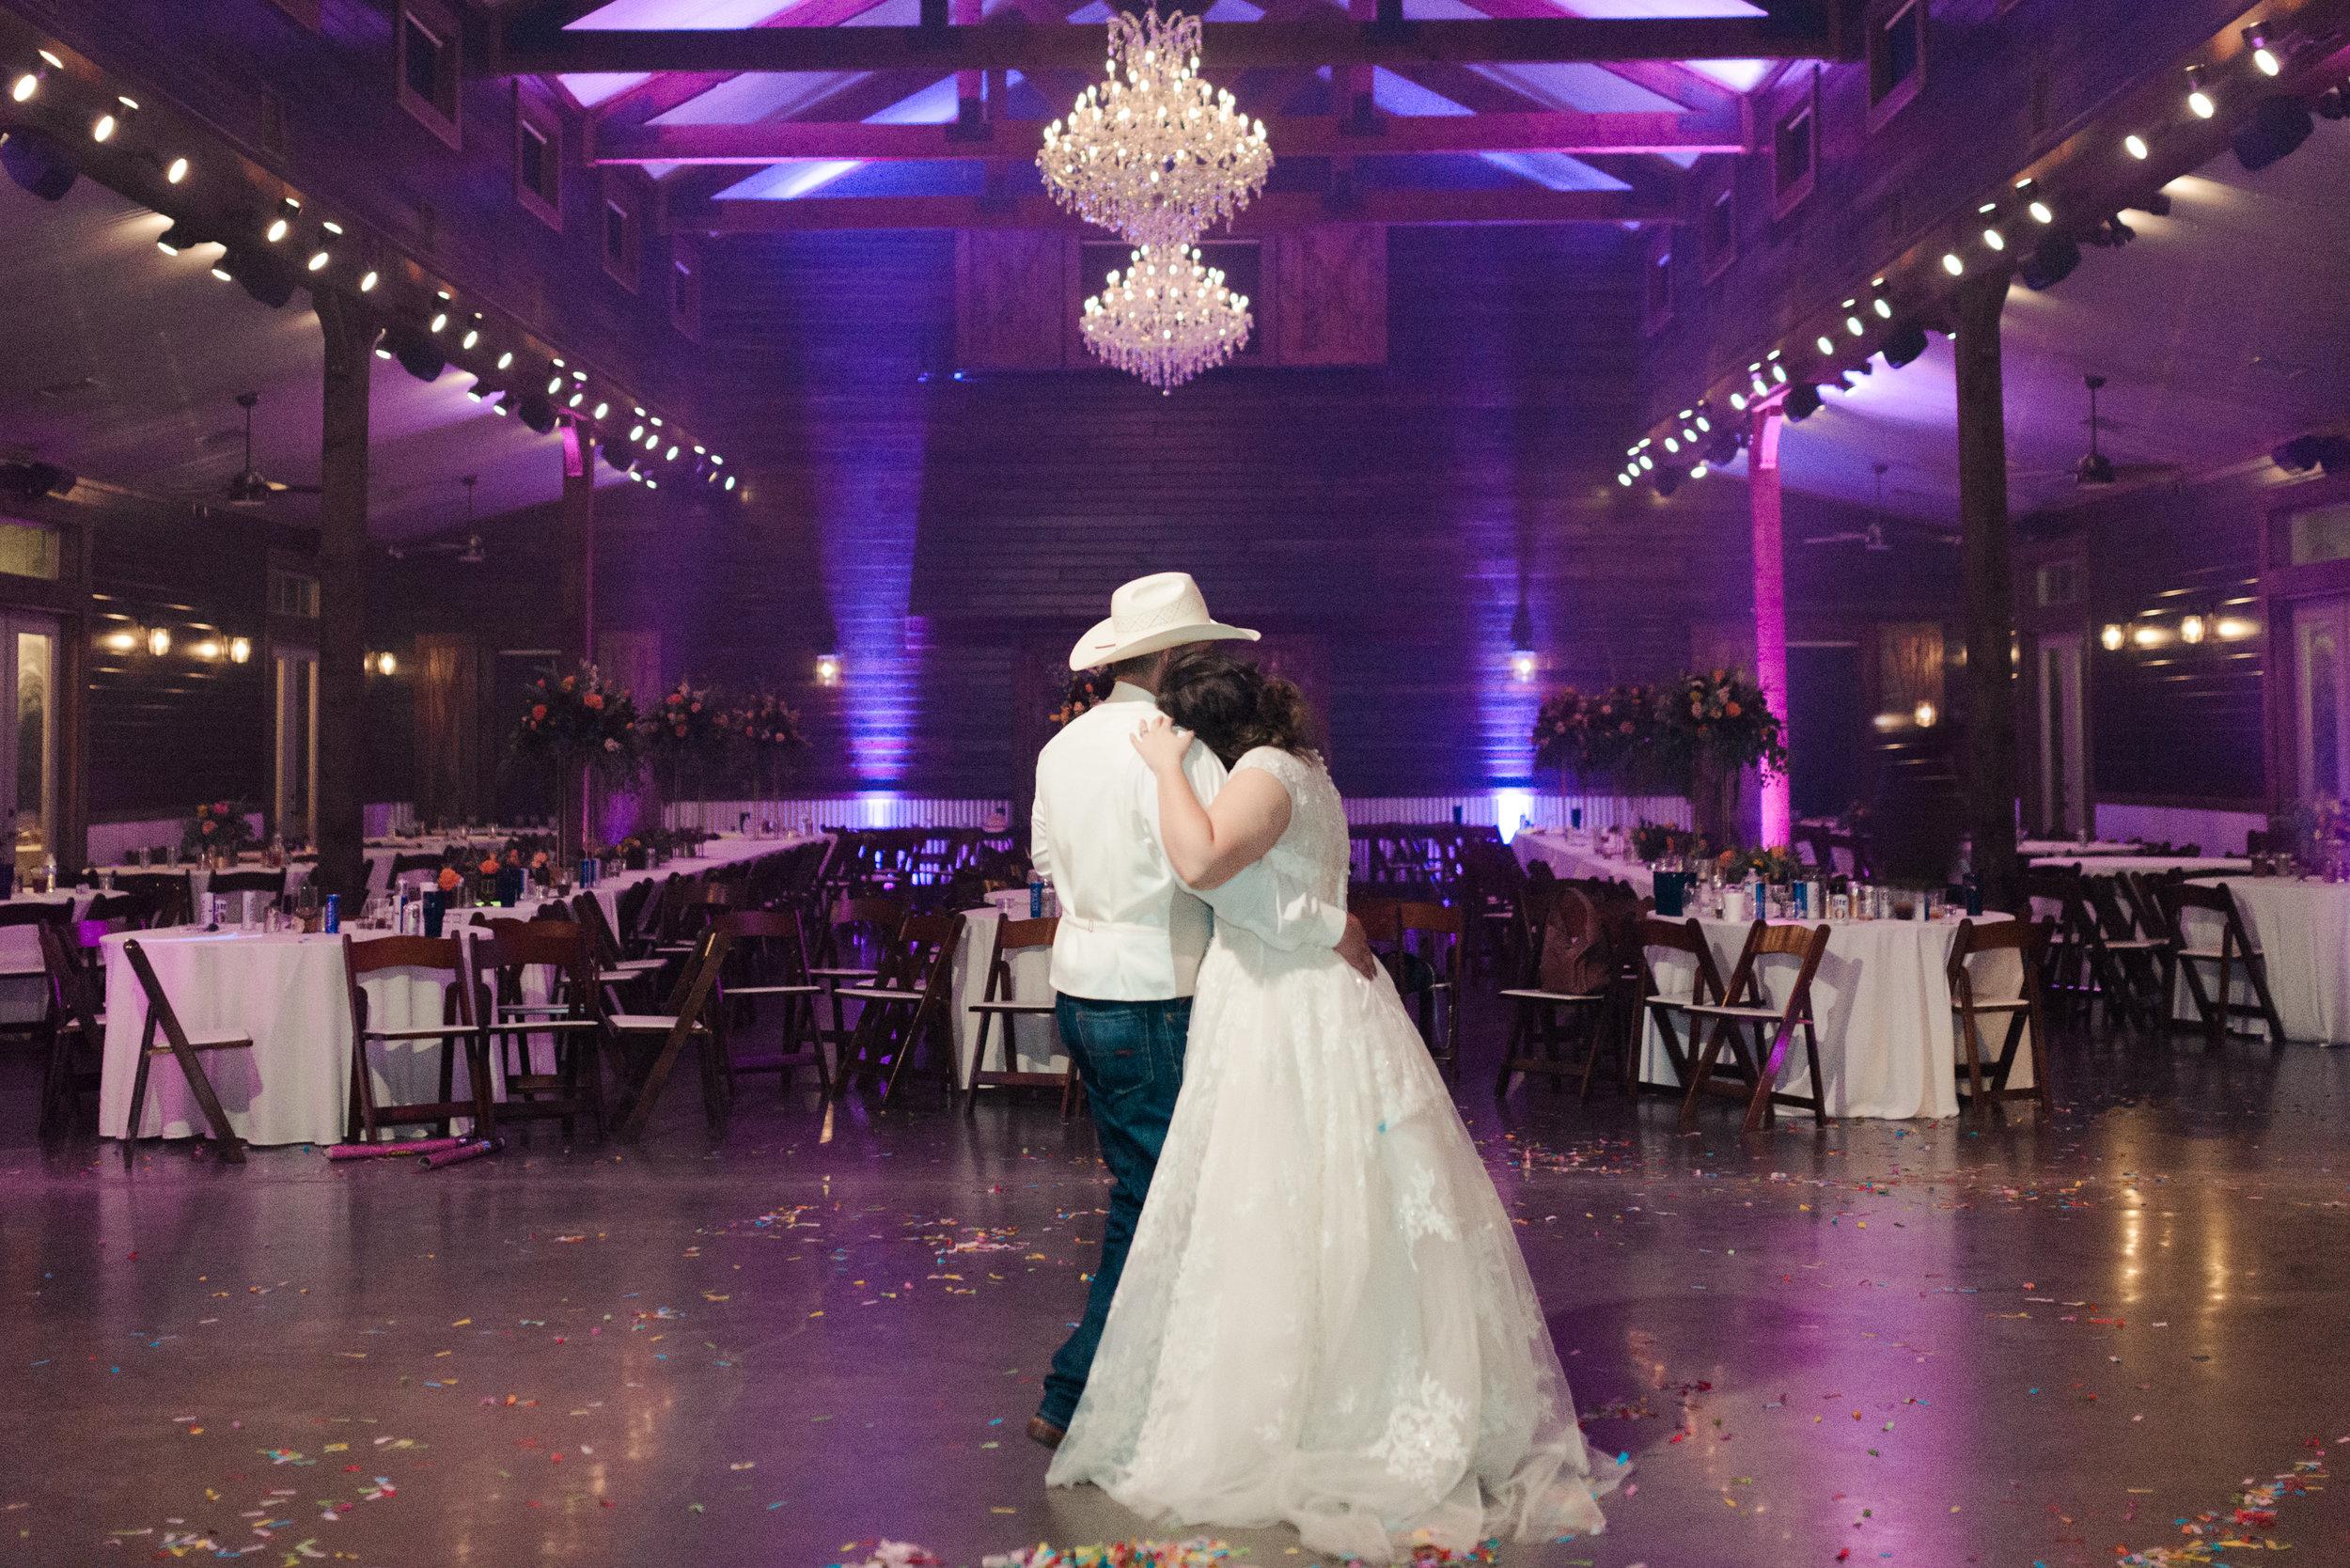 Wesley-Wedding-Ten23-Photography-850.jpg